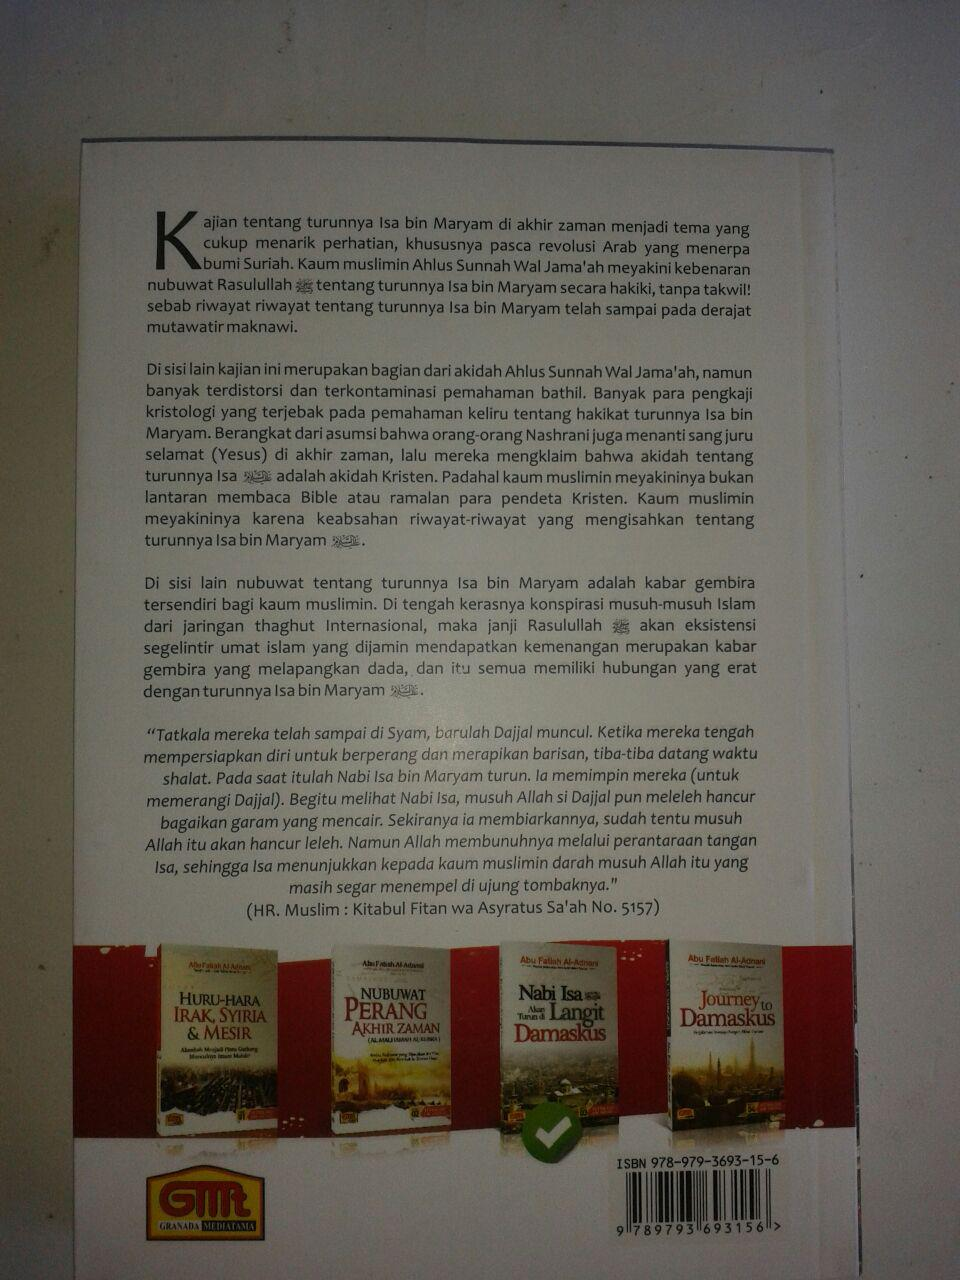 Buku Nabi Isa AkBuku Nabi Isa Akan Turun Di Langit Damaskus cover 3an Turun Di Langit Damaskus cover 3